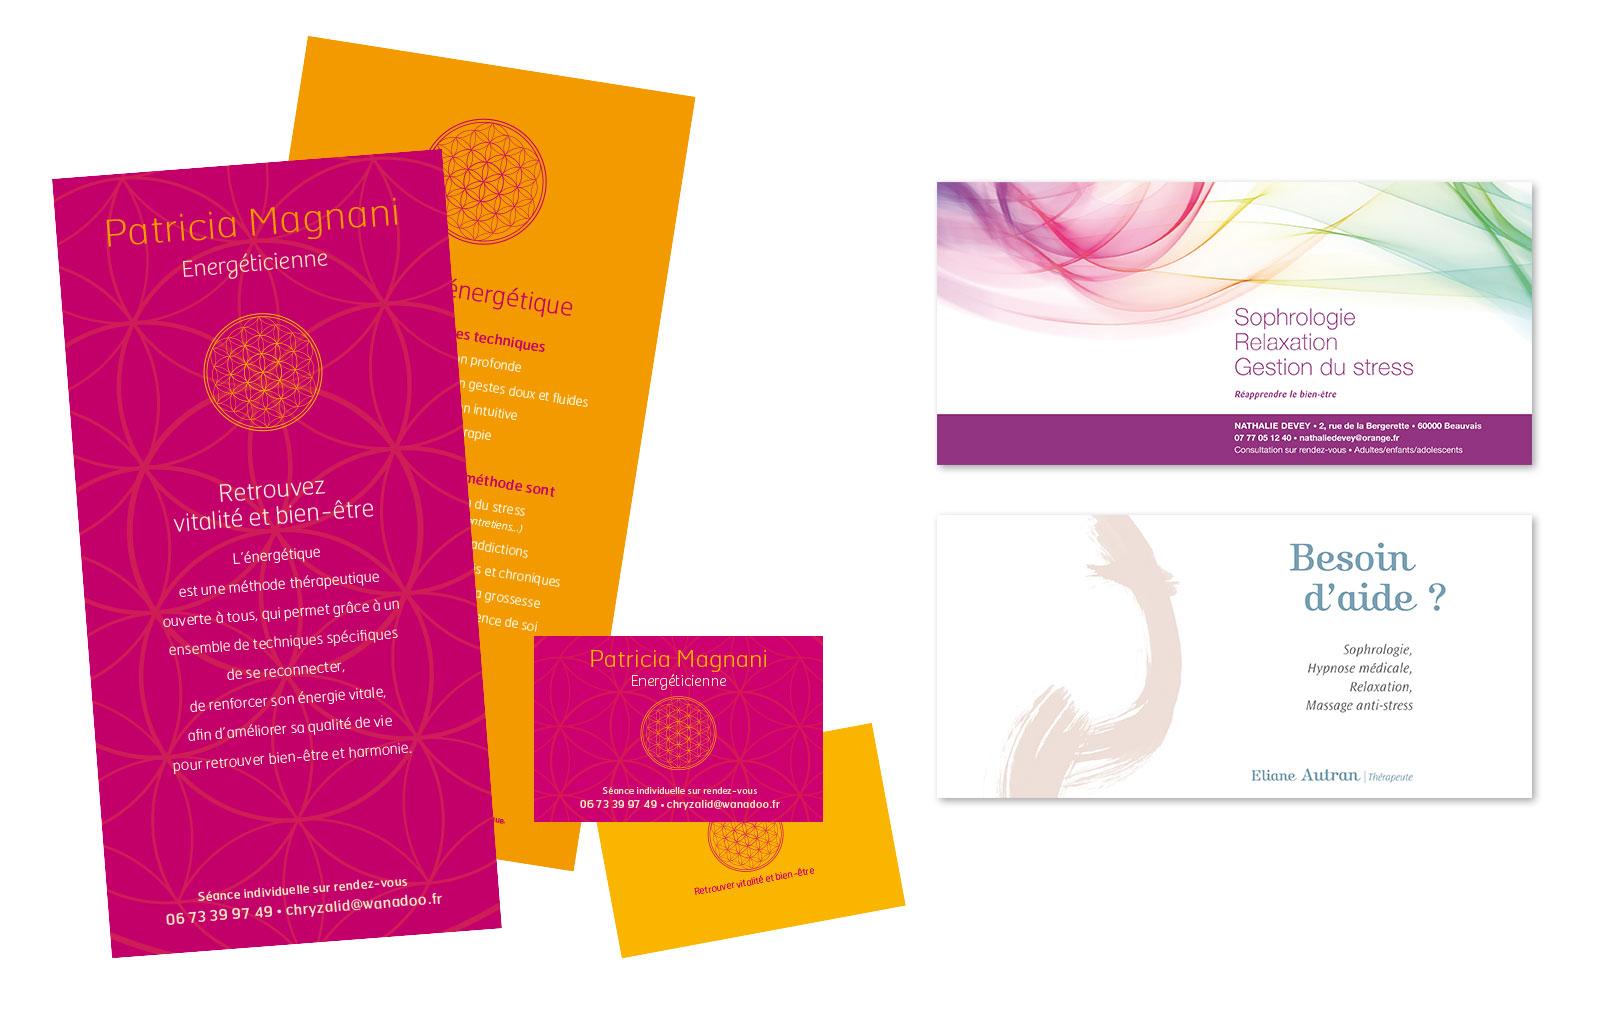 BIEN-ETRE > Conception graphique de flyer, carte, web design pour différents praticiens